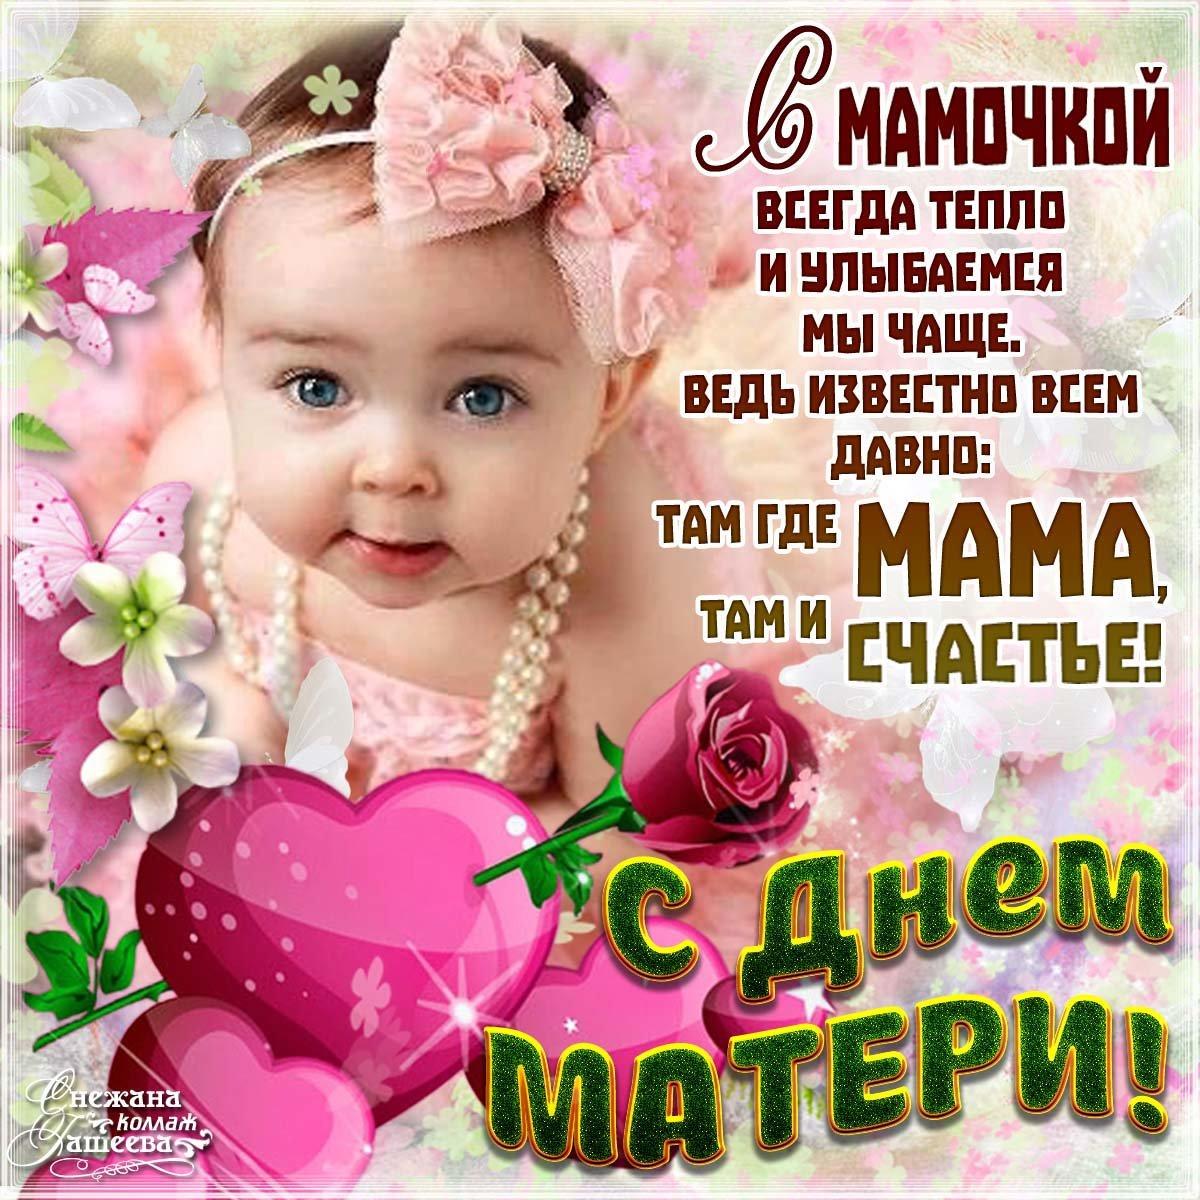 Стихи с днем матери, надписью